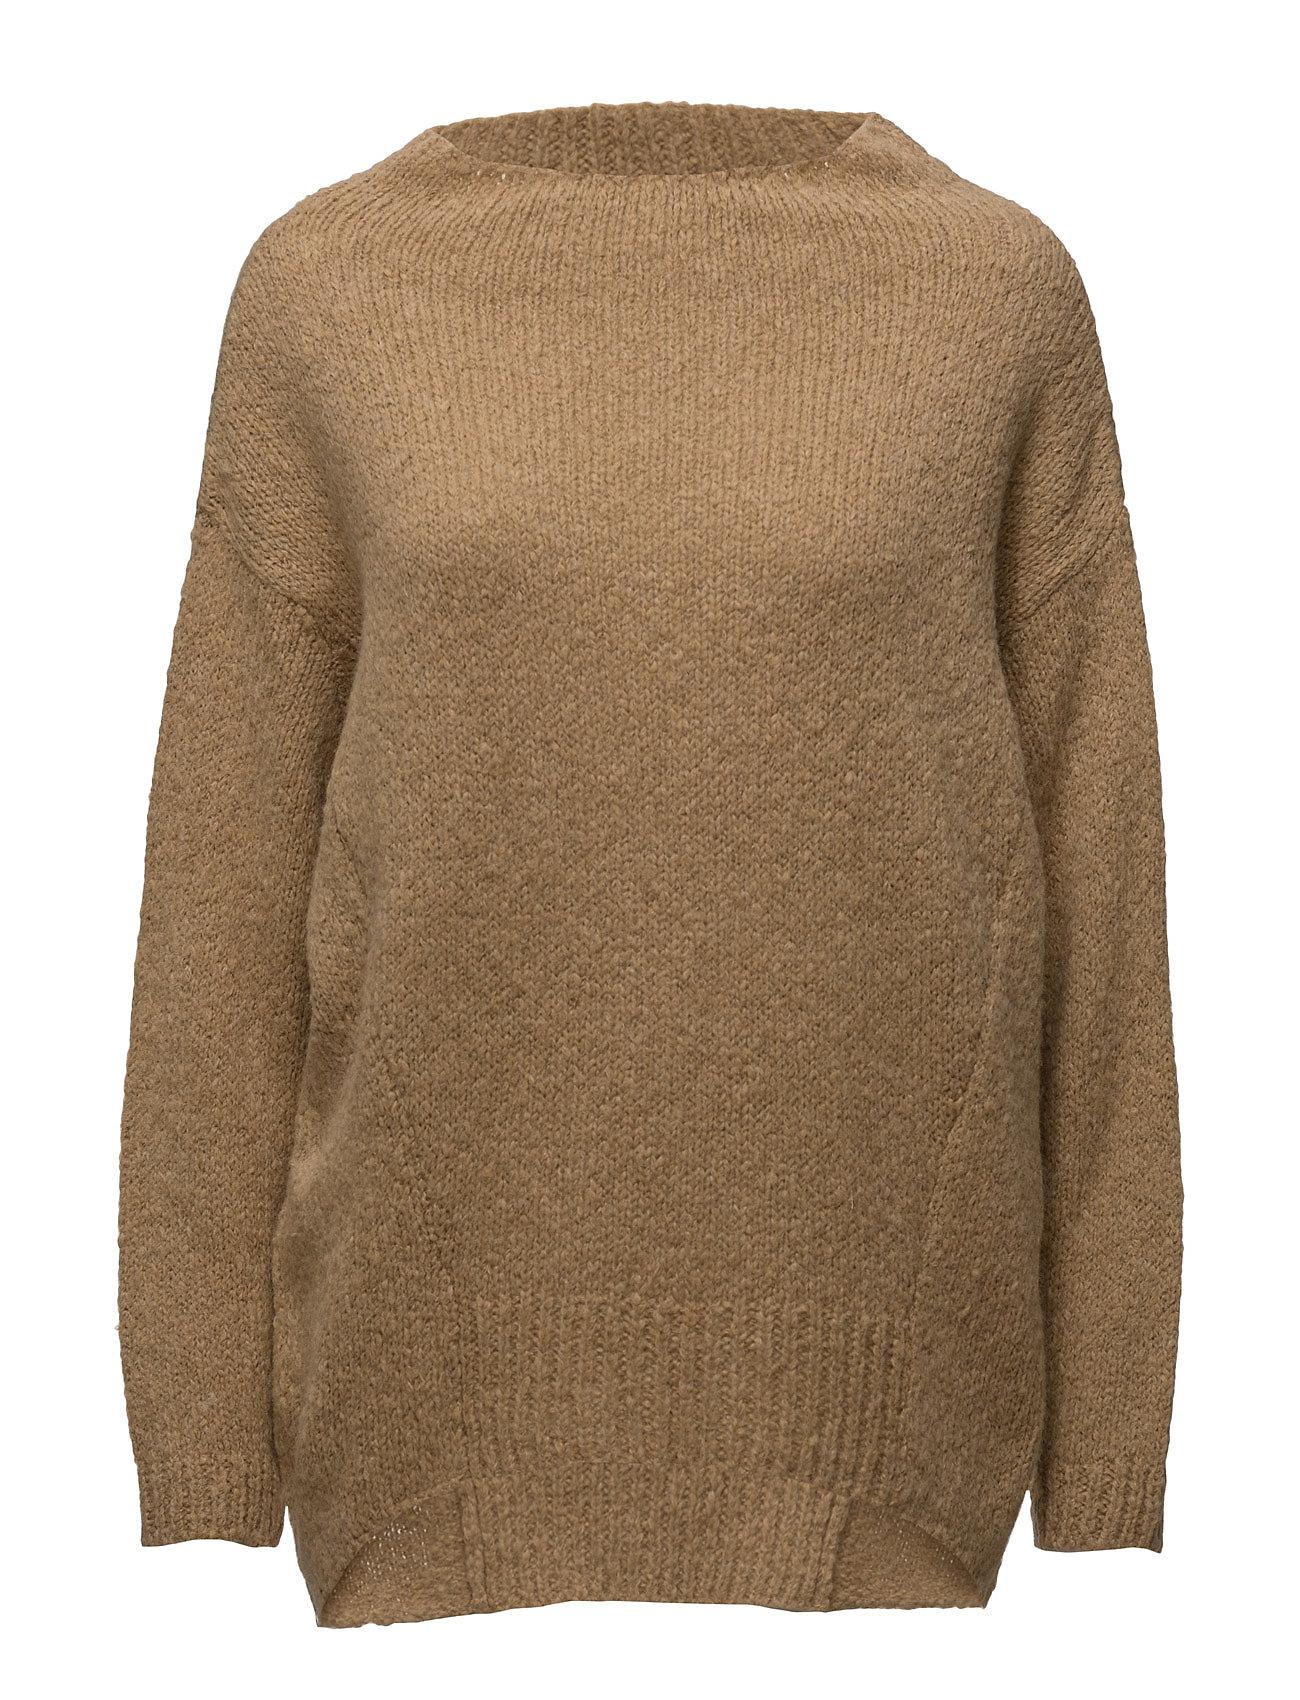 Linked Cowl Neck Sweater Rabens Saloner Tröjor